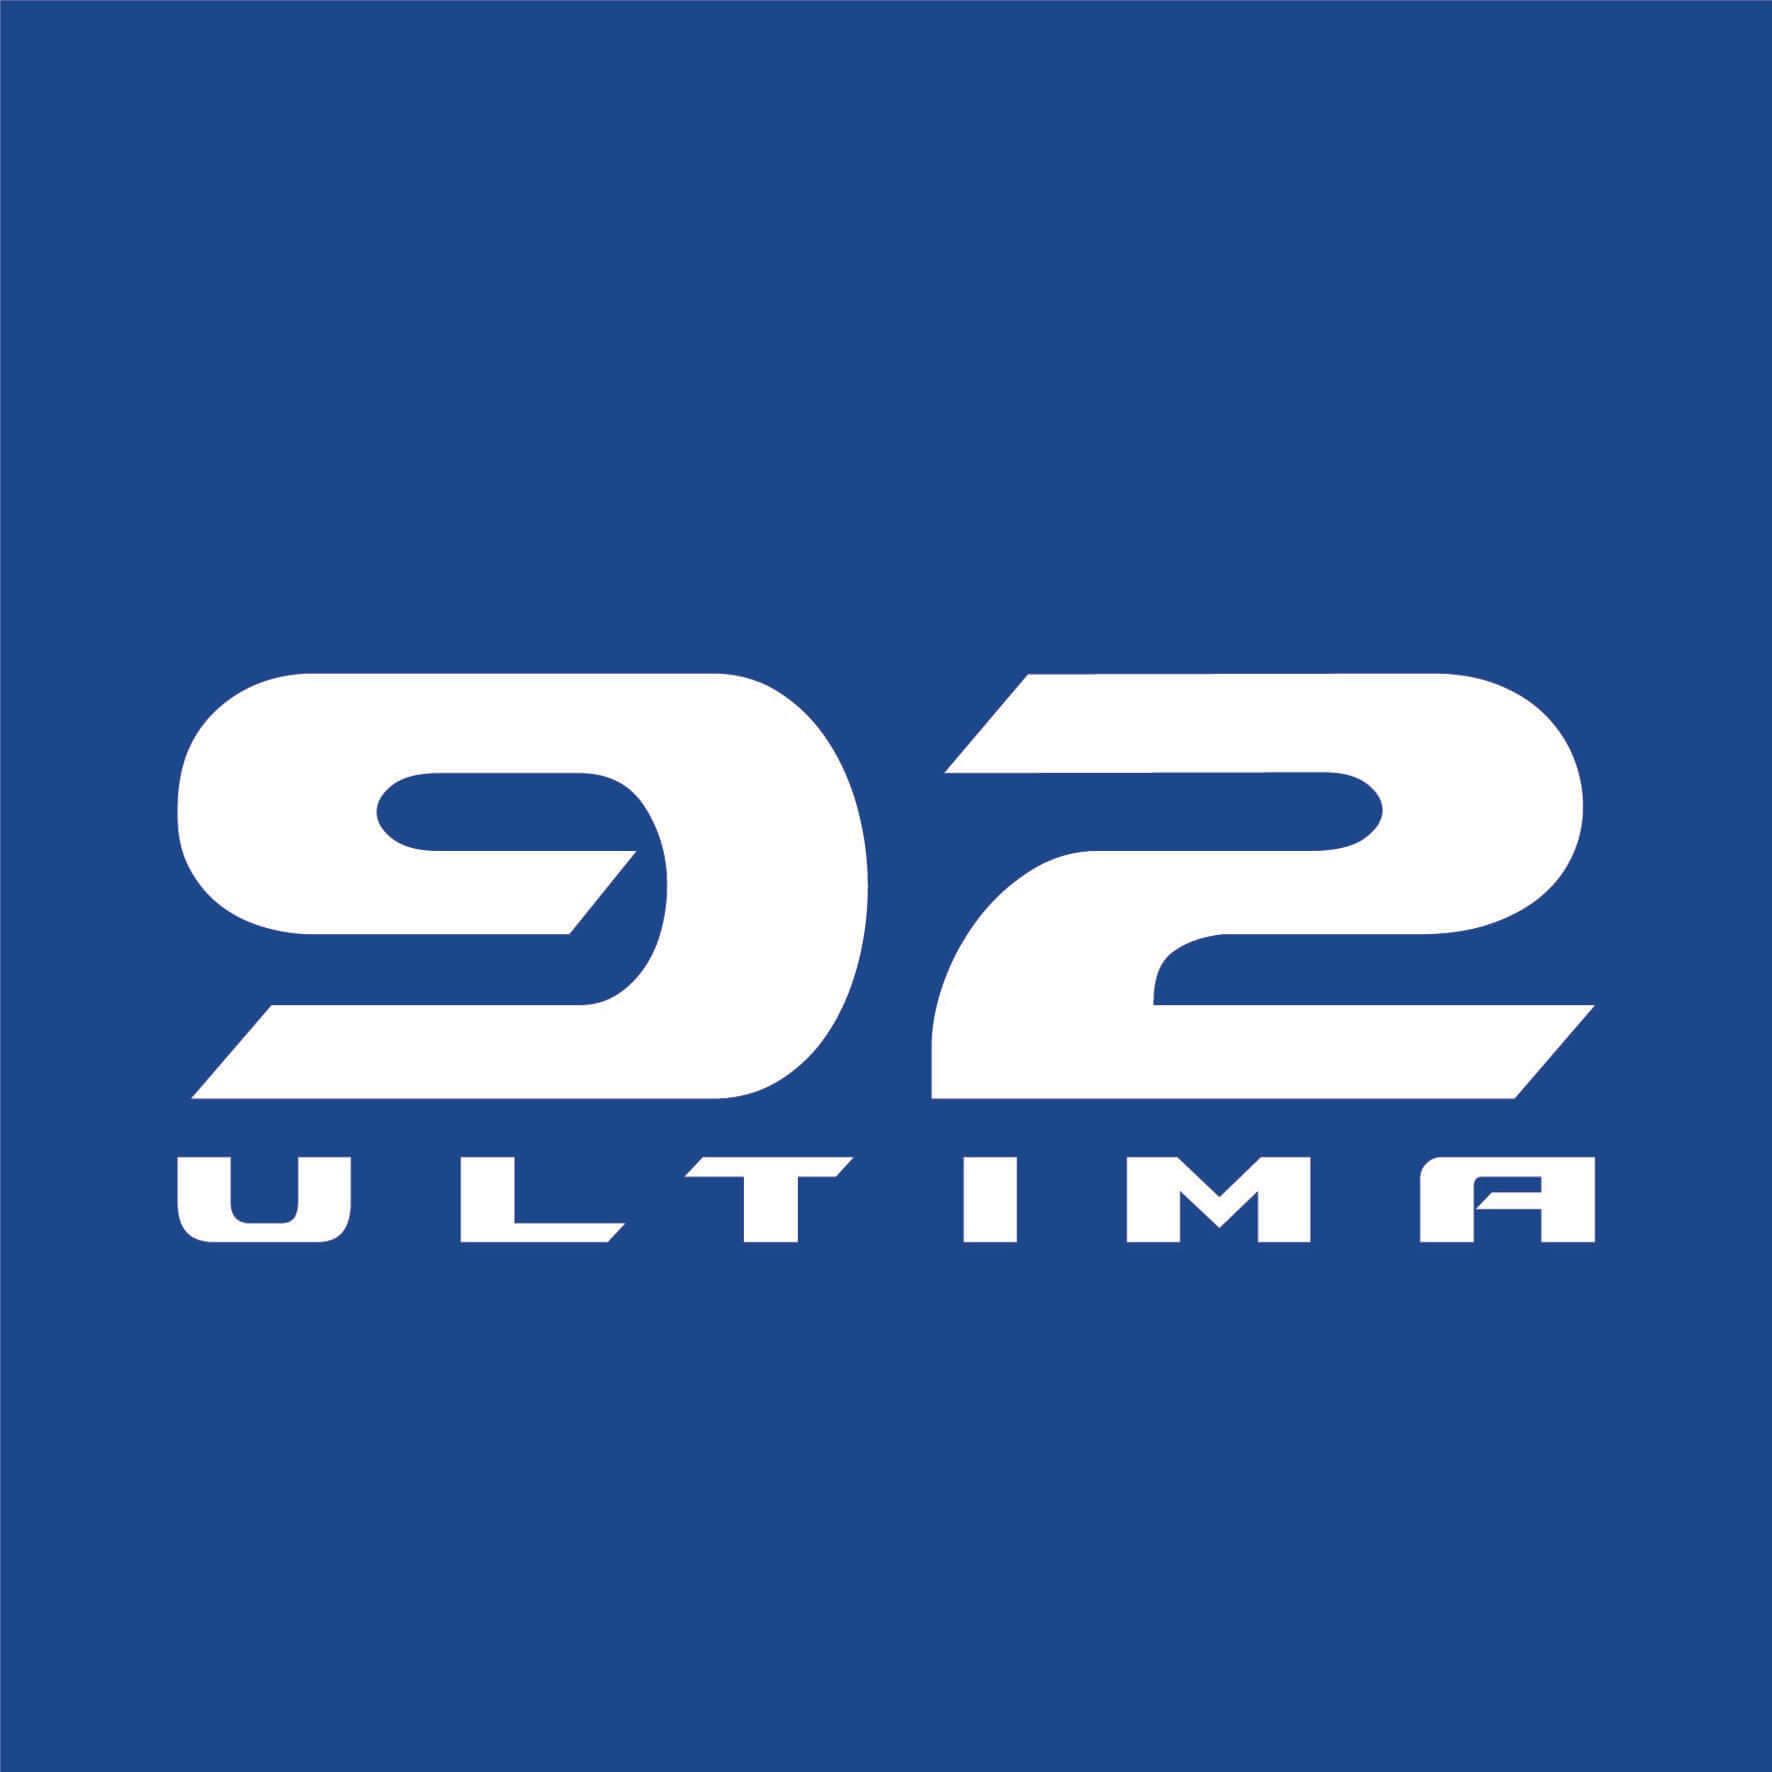 АИ-92 ULTIMA